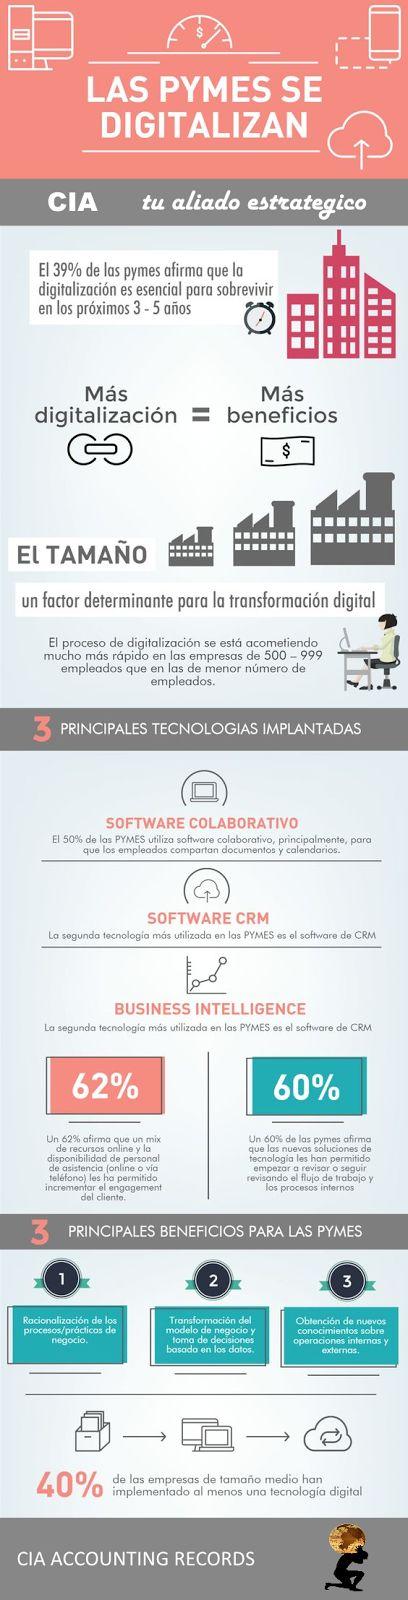 SERVICIOS CONTABLES: DIGITALIZACIÓN DE LAS PYMES